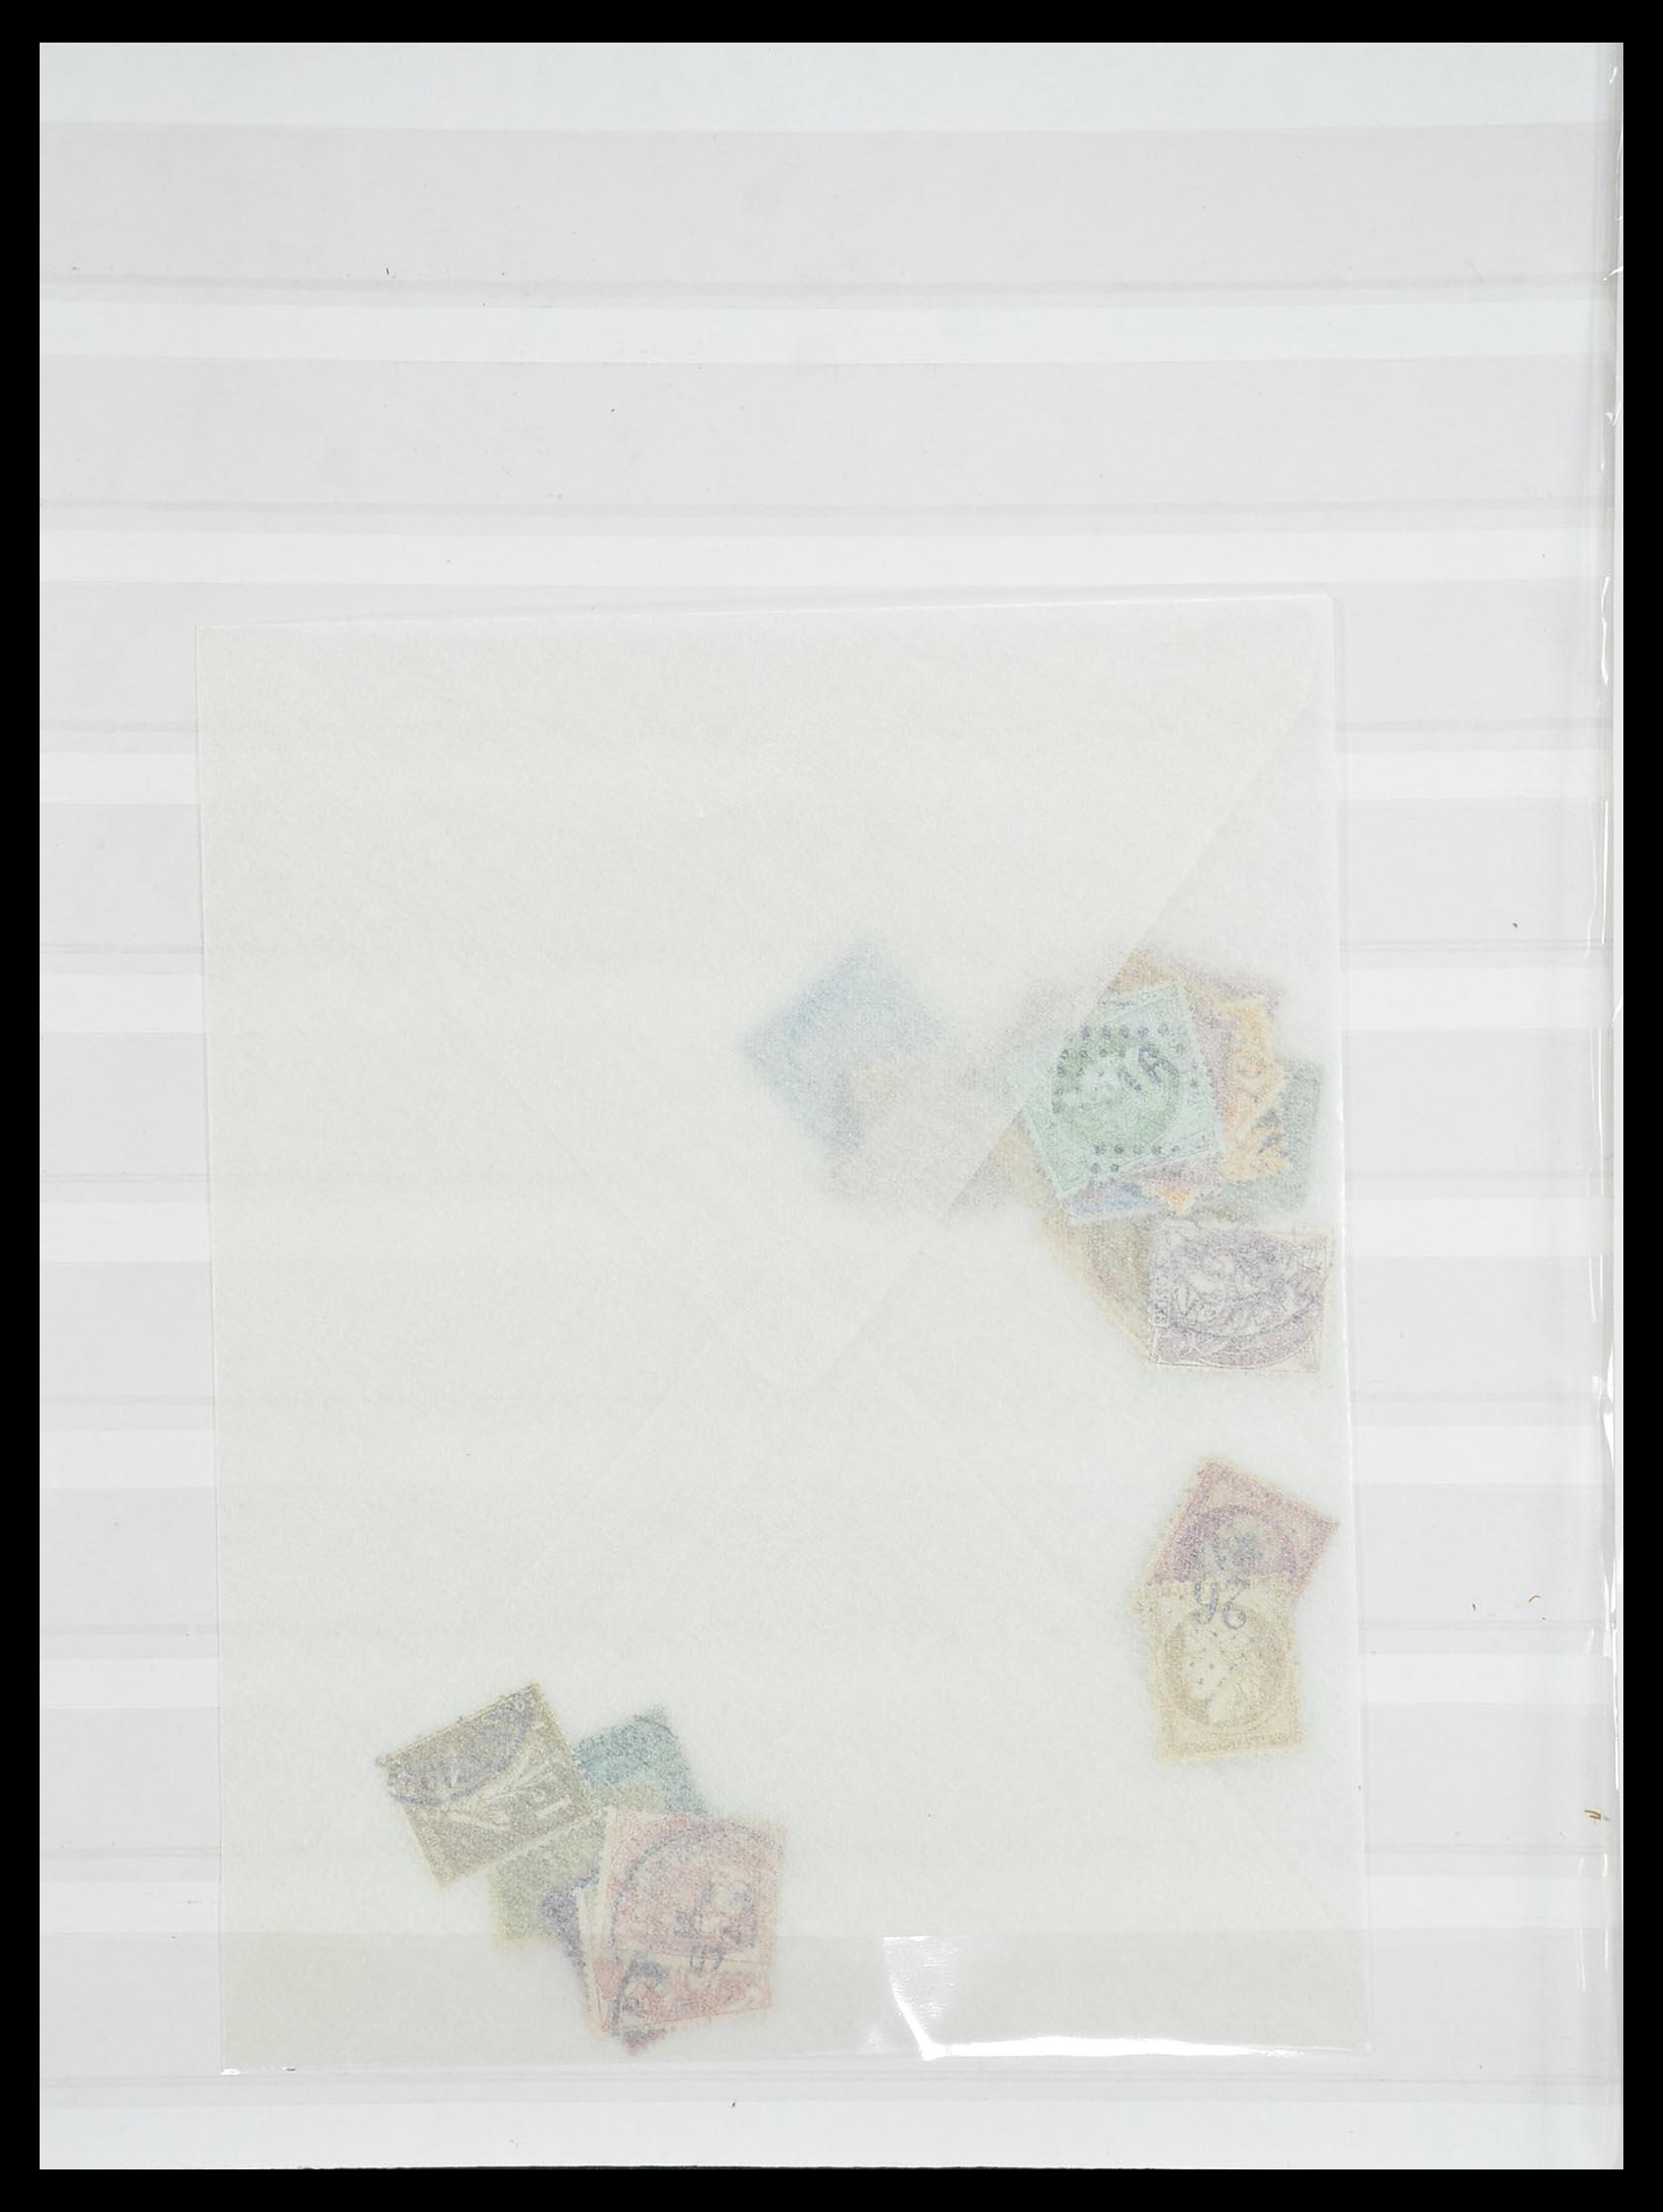 33819 002 - Postzegelverzameling 33819 Frankrijk 1849-1988.